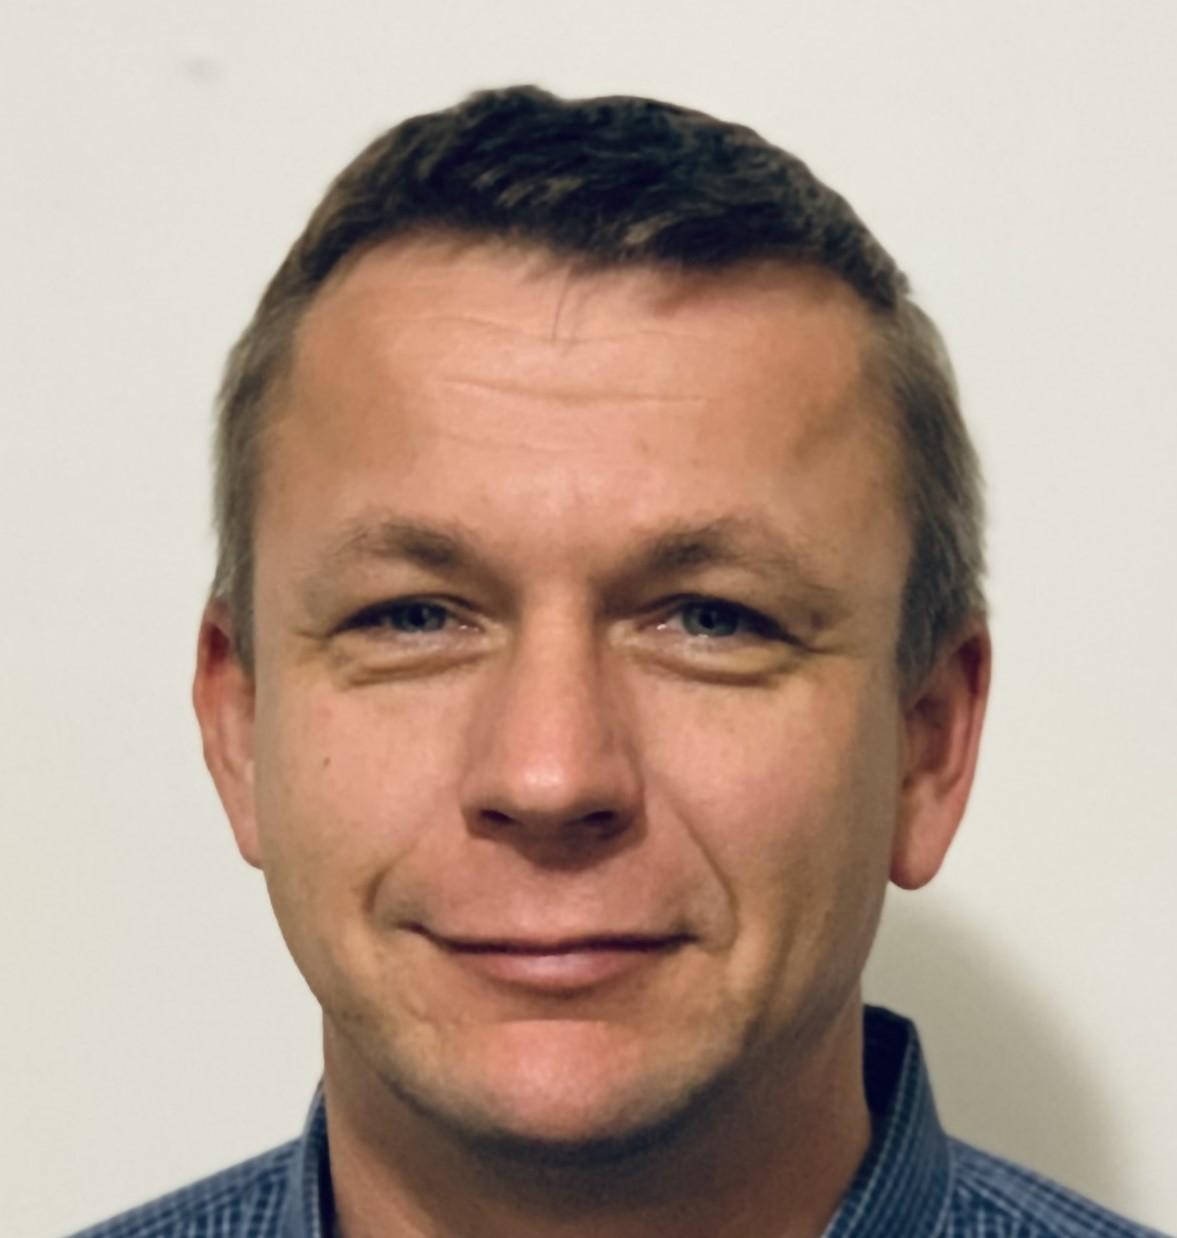 Peter Virág